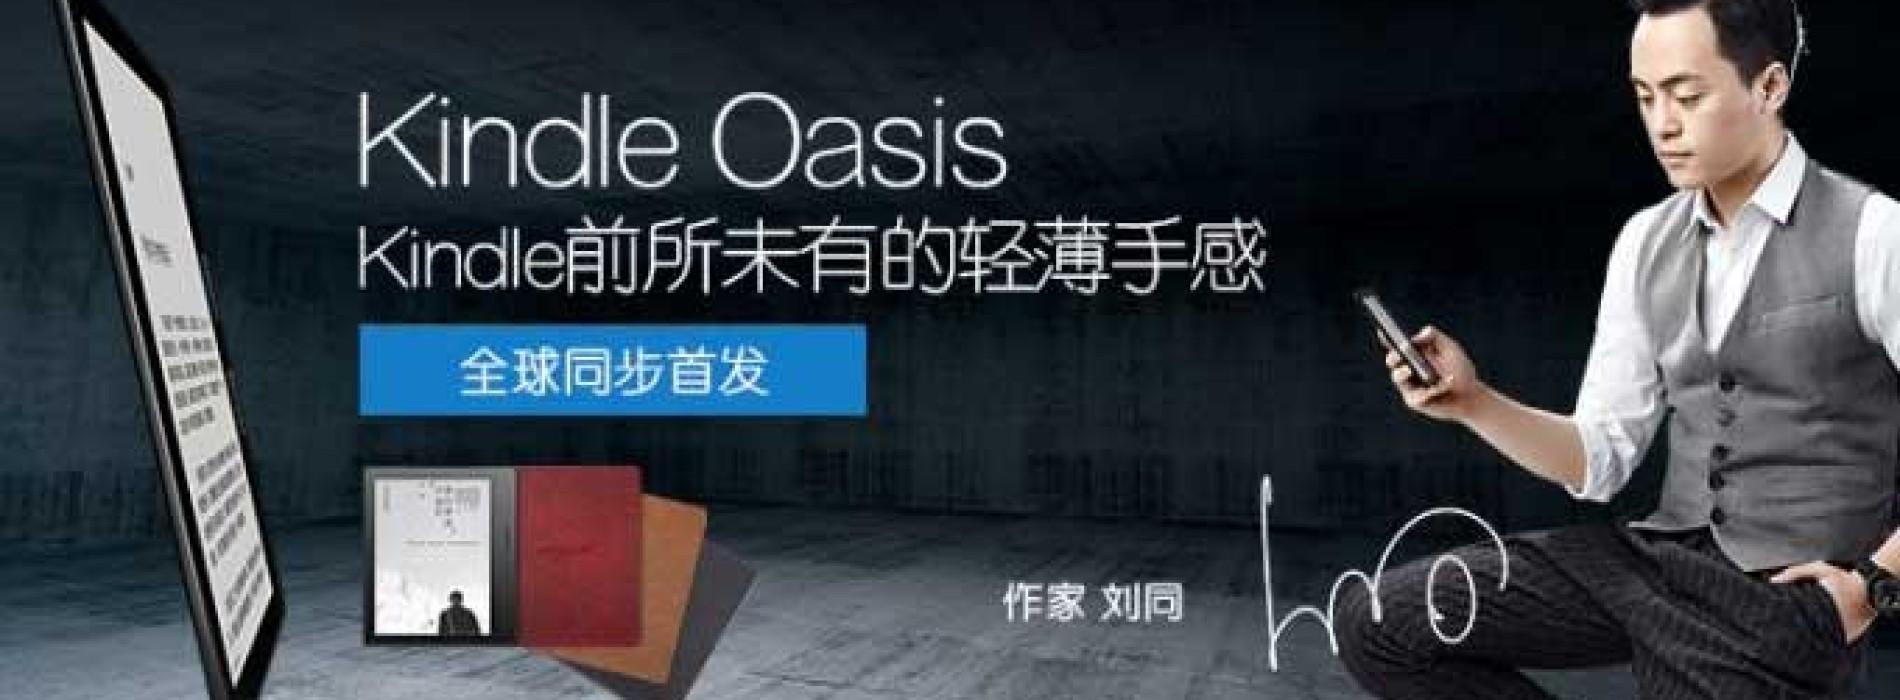 Kindle Oasis – nová vlajková loď e-book čteček od Amazonu?